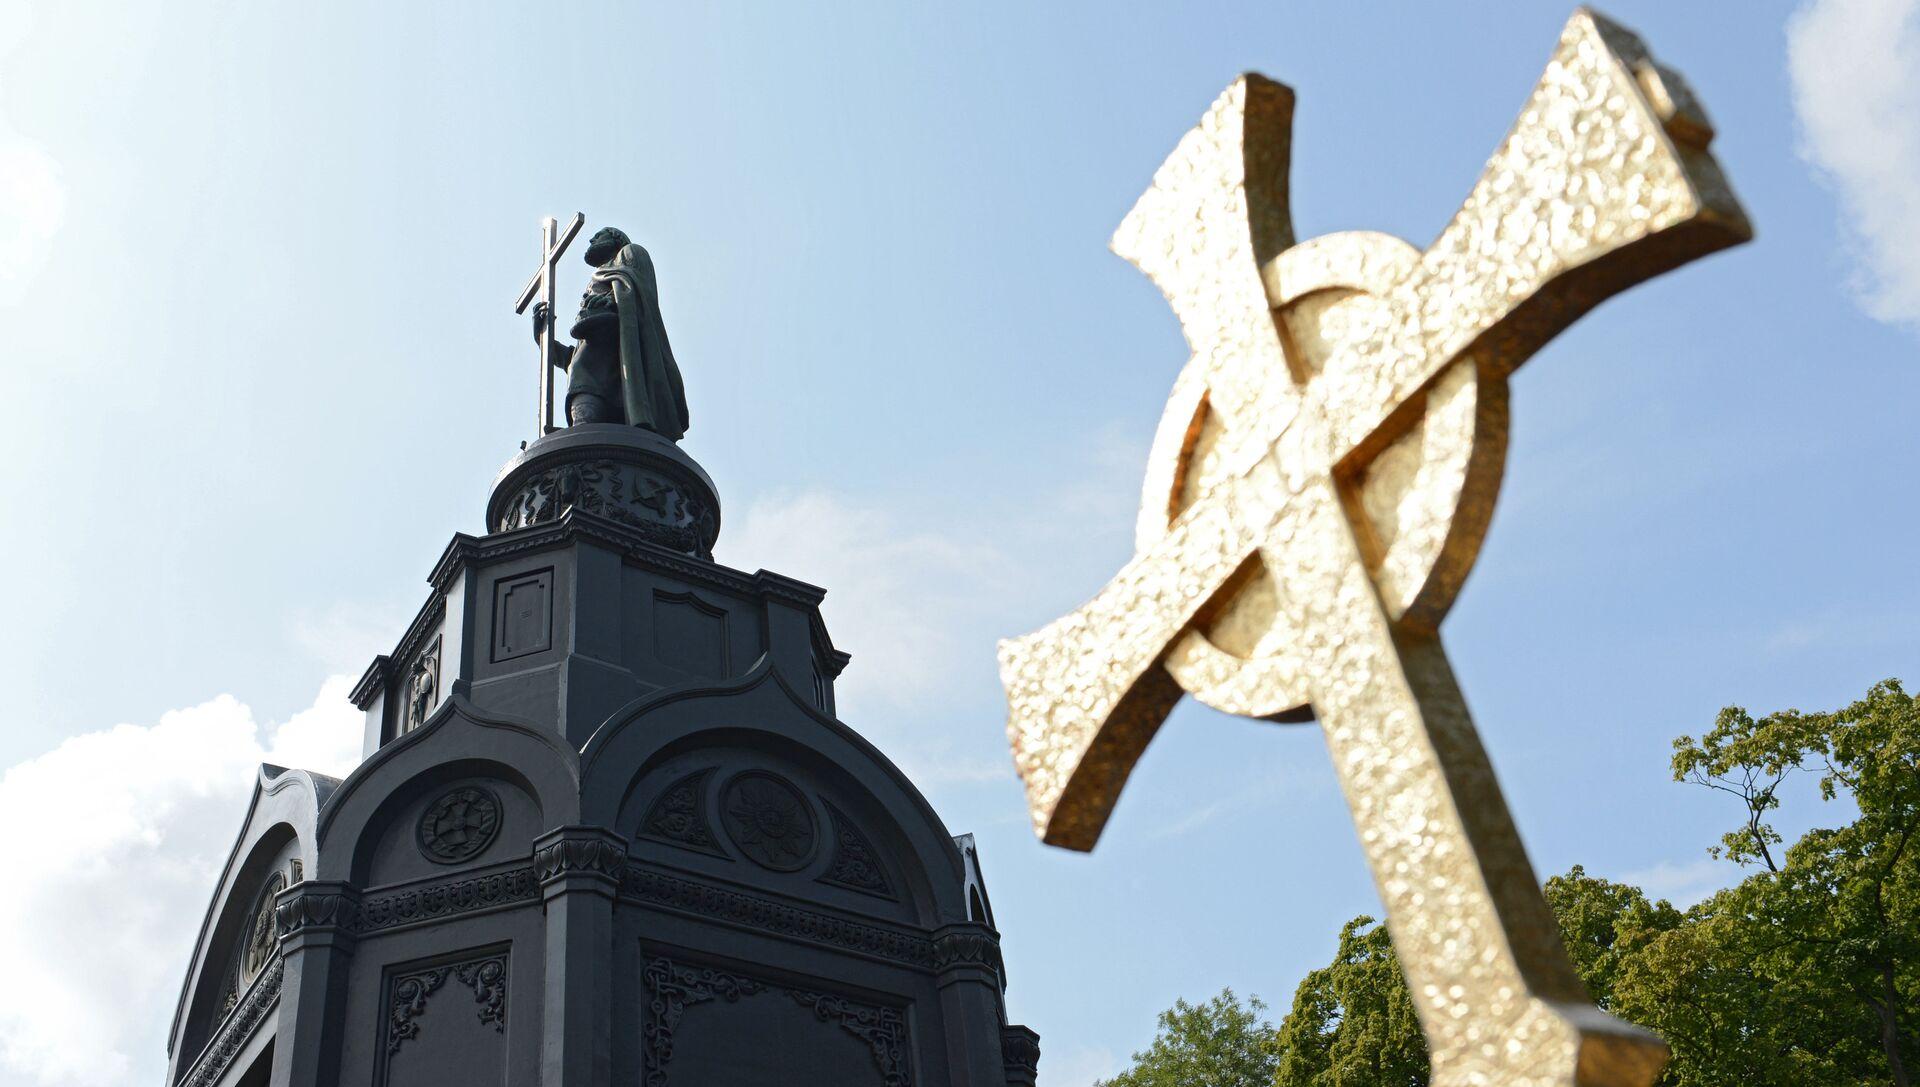 Празднование Дня крещения Киевской Руси - РИА Новости, 1920, 28.07.2021